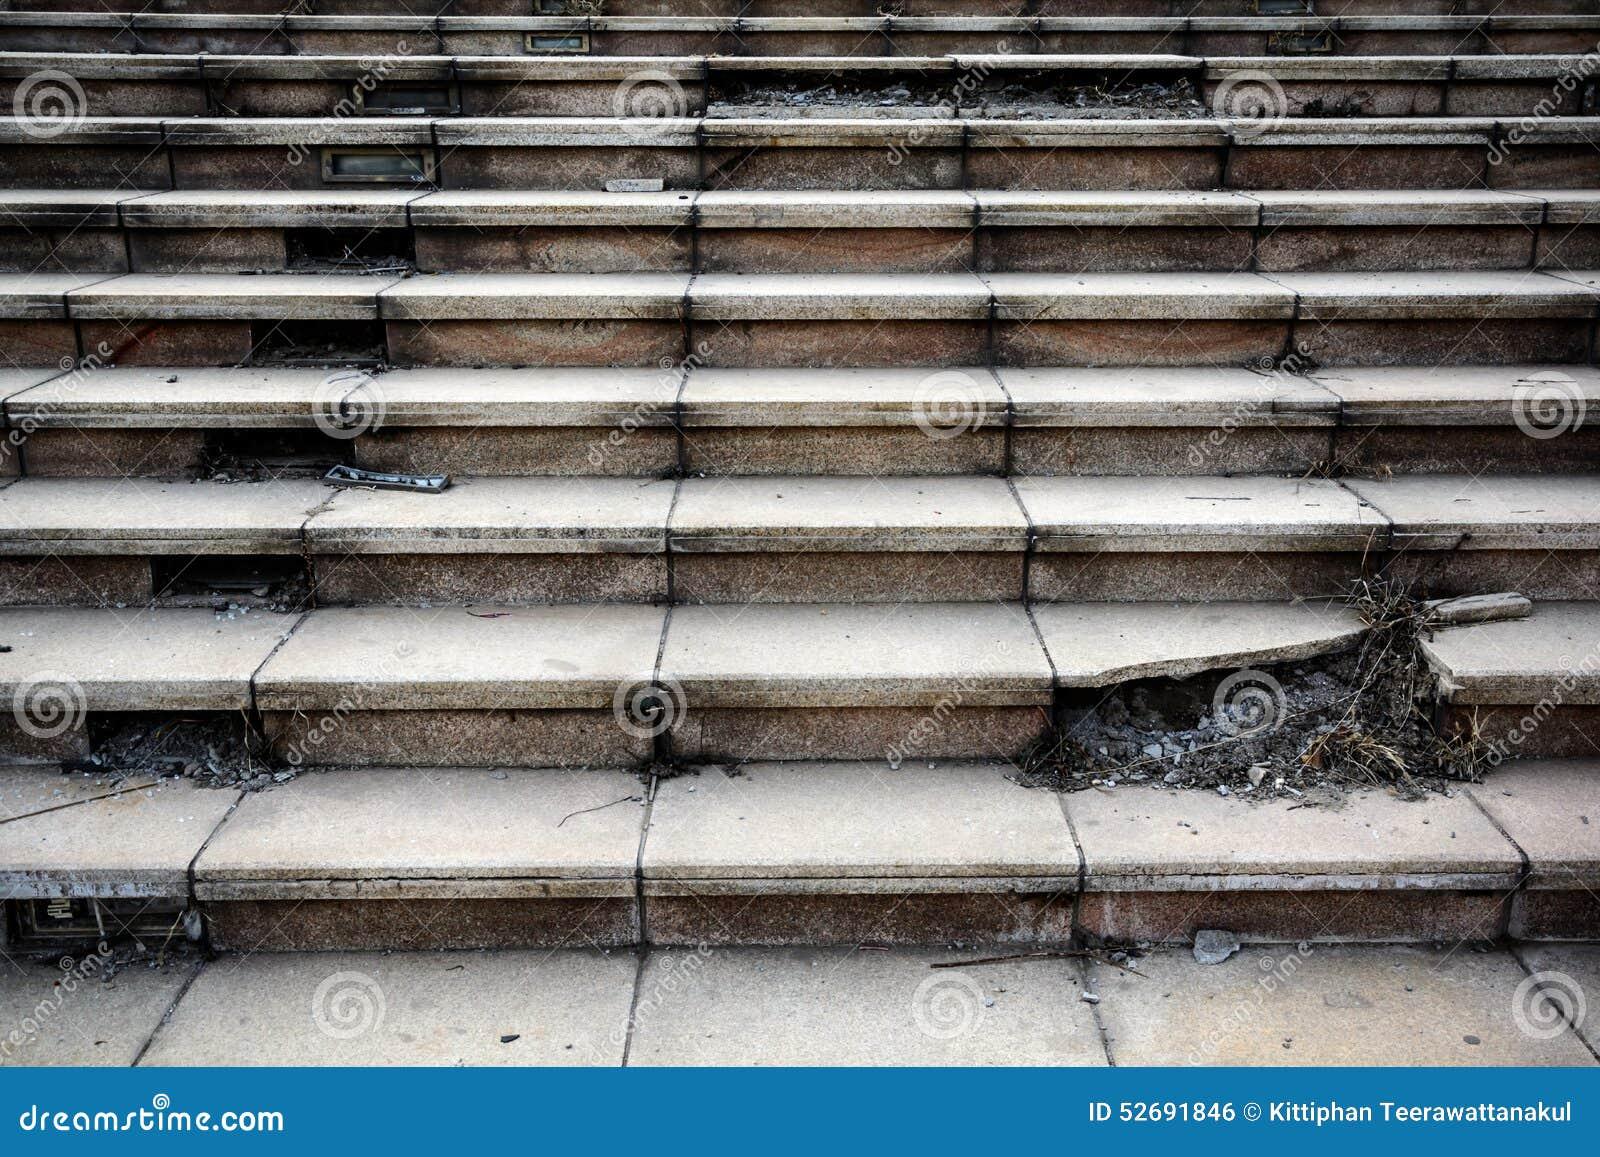 Alter gebrochener konkreter Treppenhausschritt